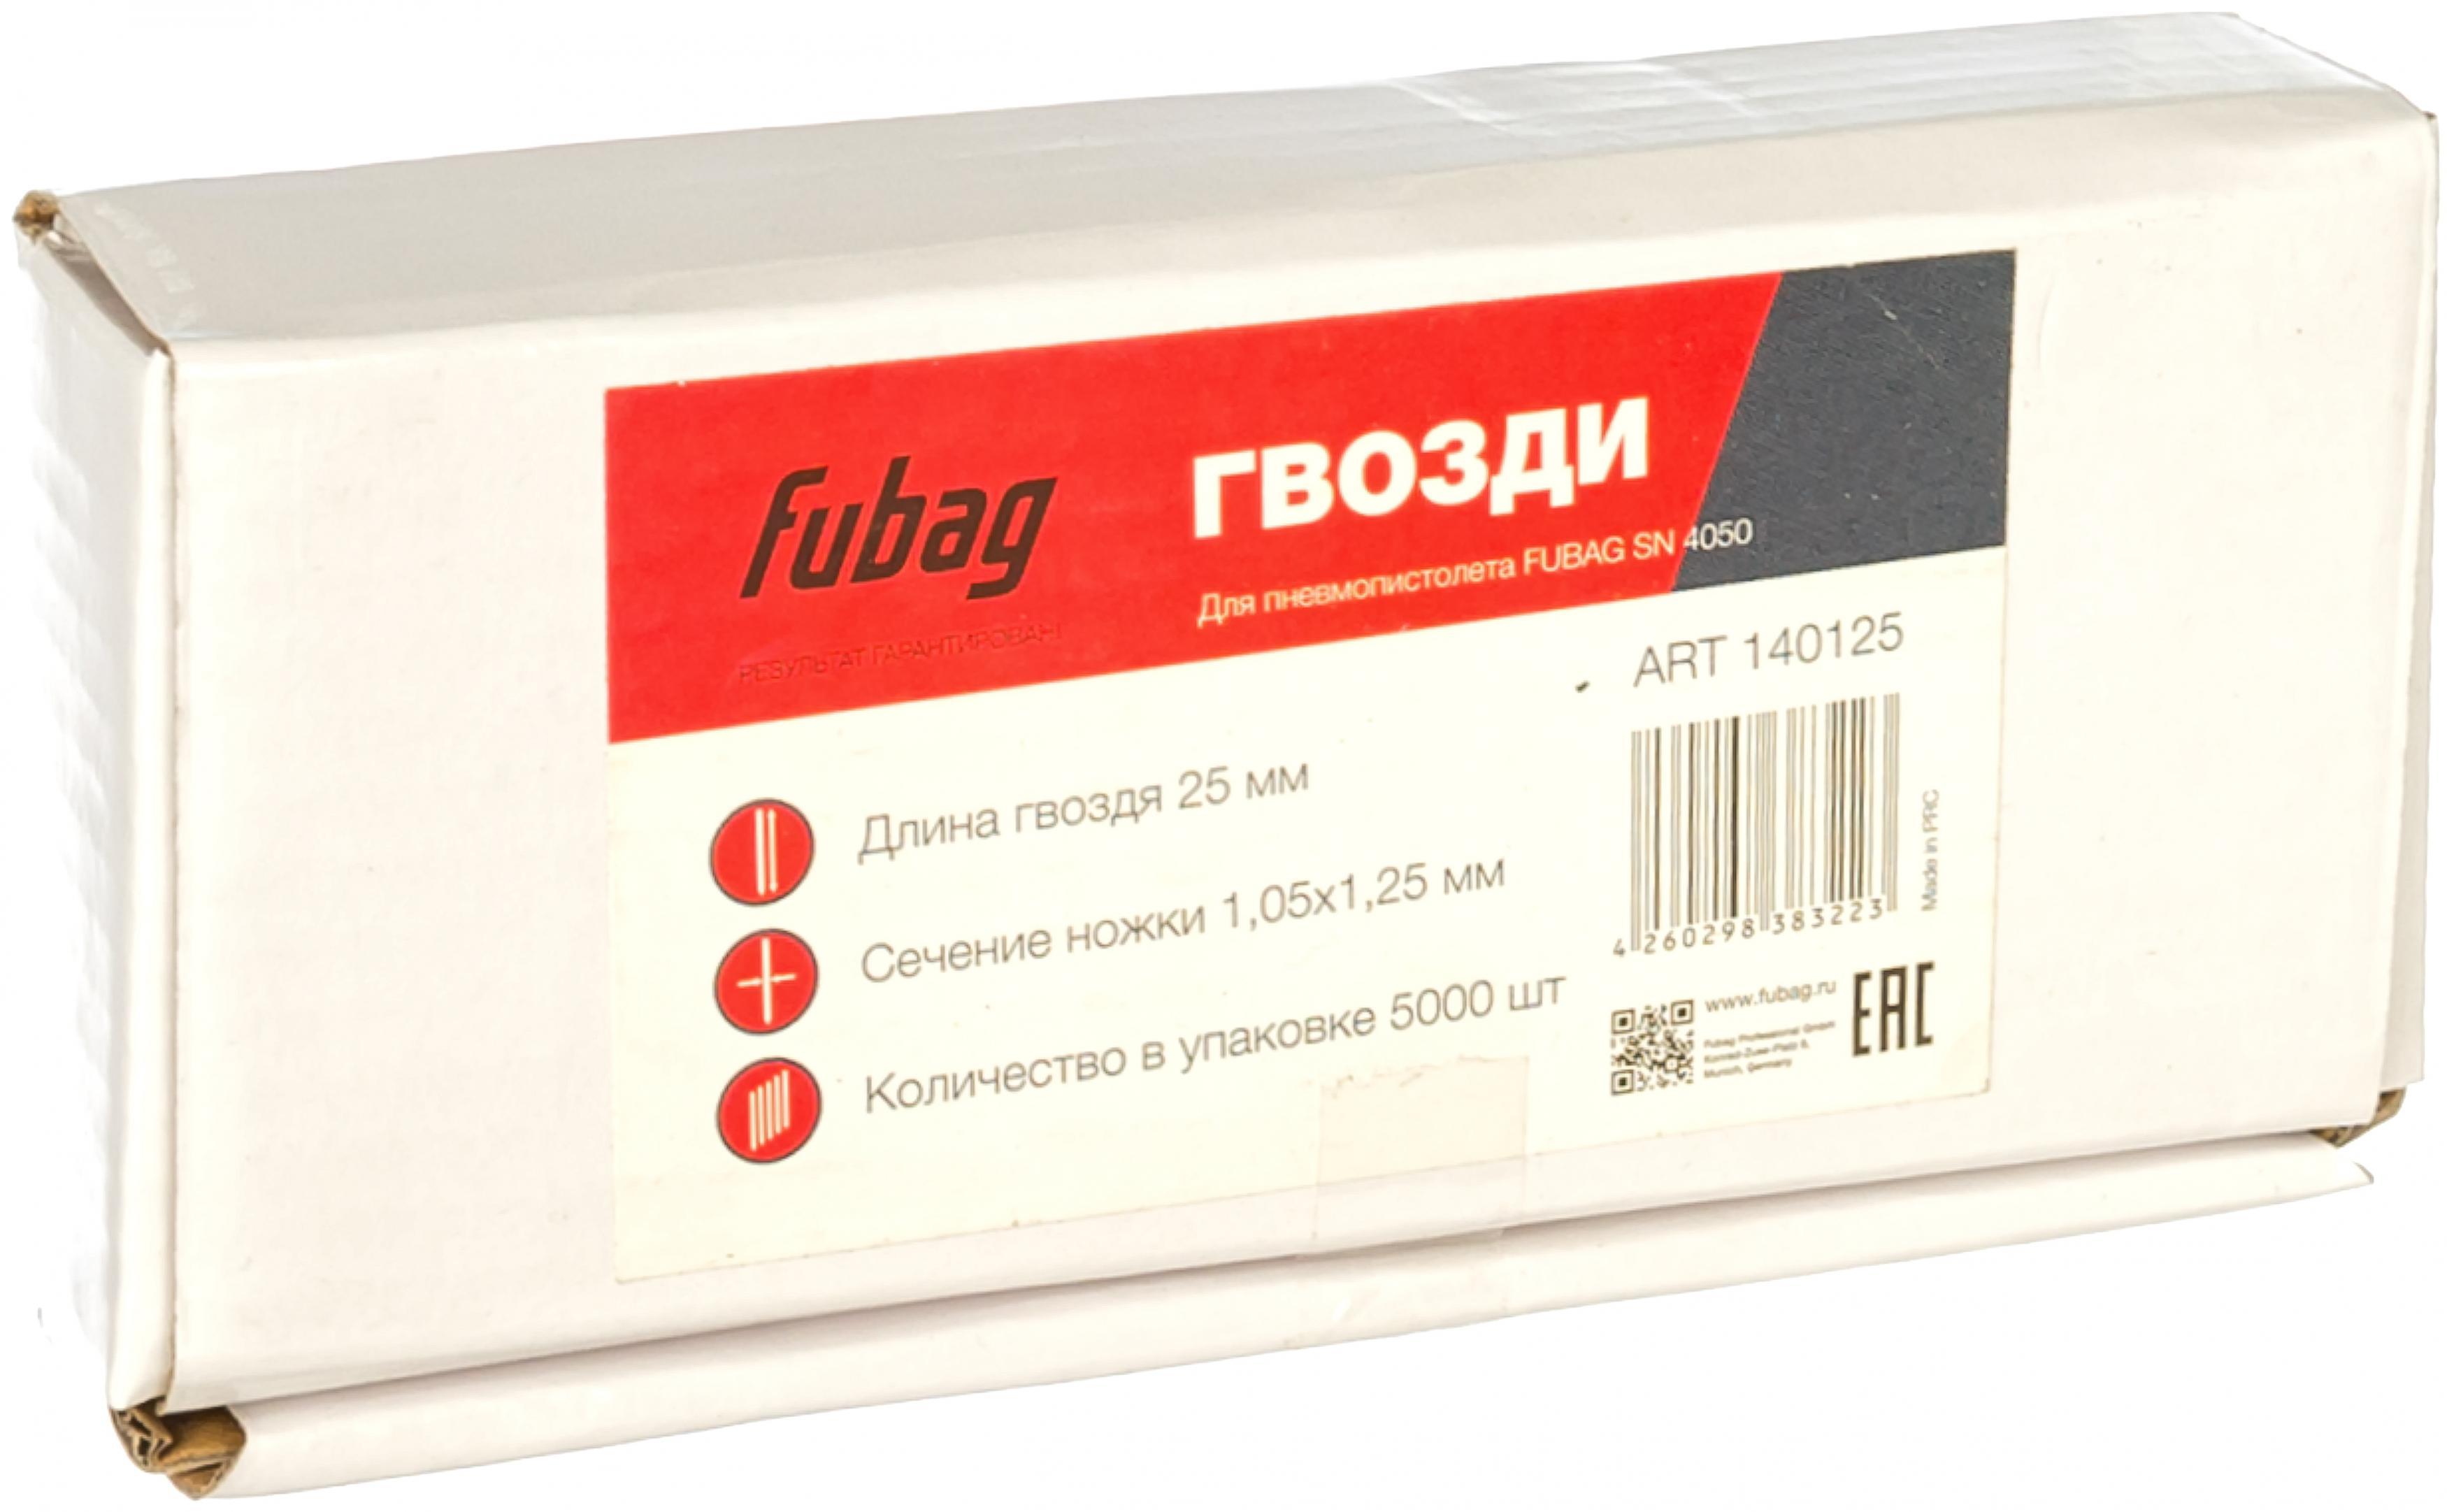 Гвозди для степлера Fubag для sn4050 140125 cкобы fubag для sn4050 1 05x1 25 мм 5 7x40 0 5000шт 140137